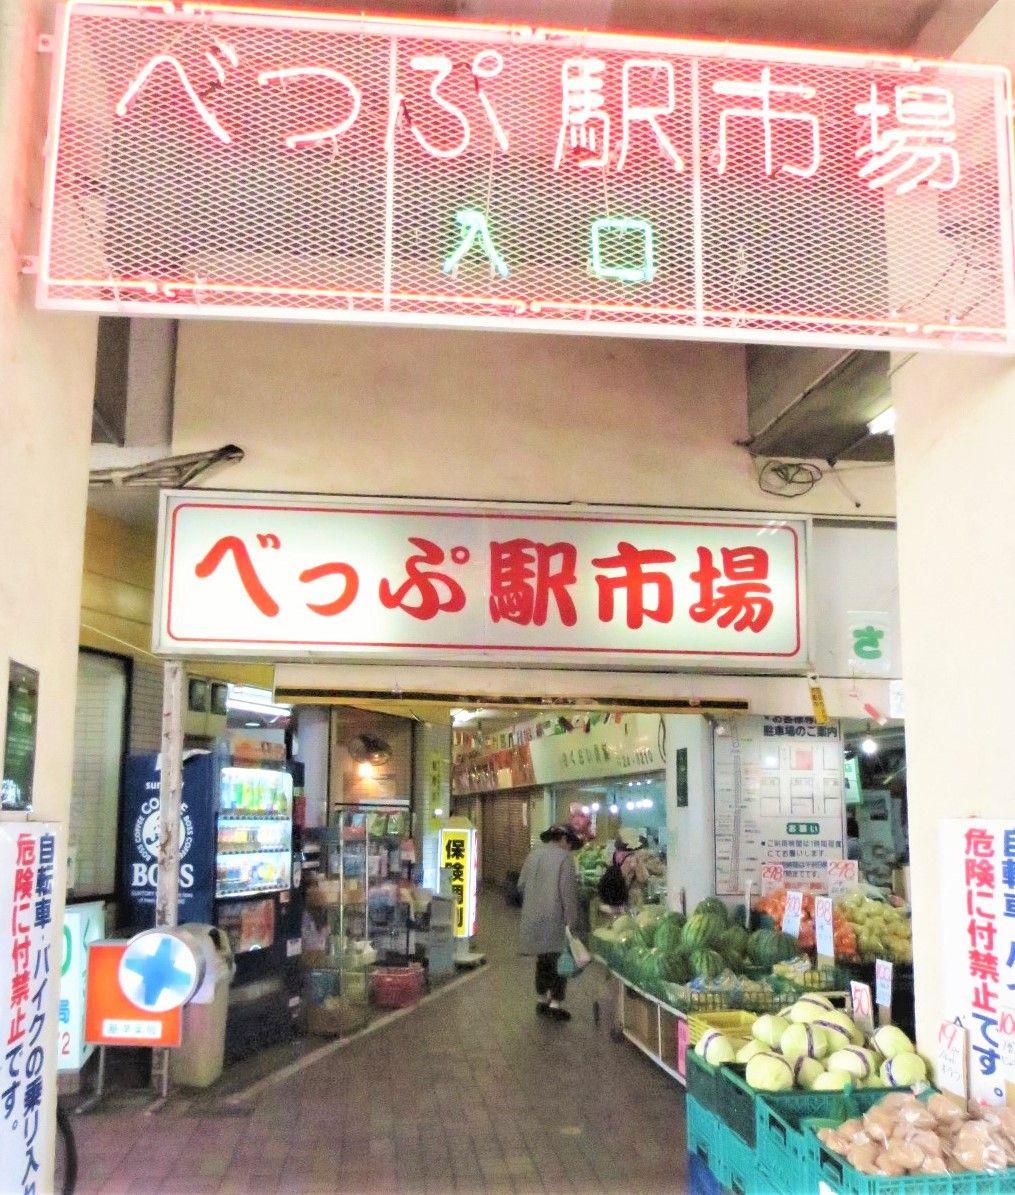 高架下市場の風景はまさに昭和!「べっぷ駅市場」